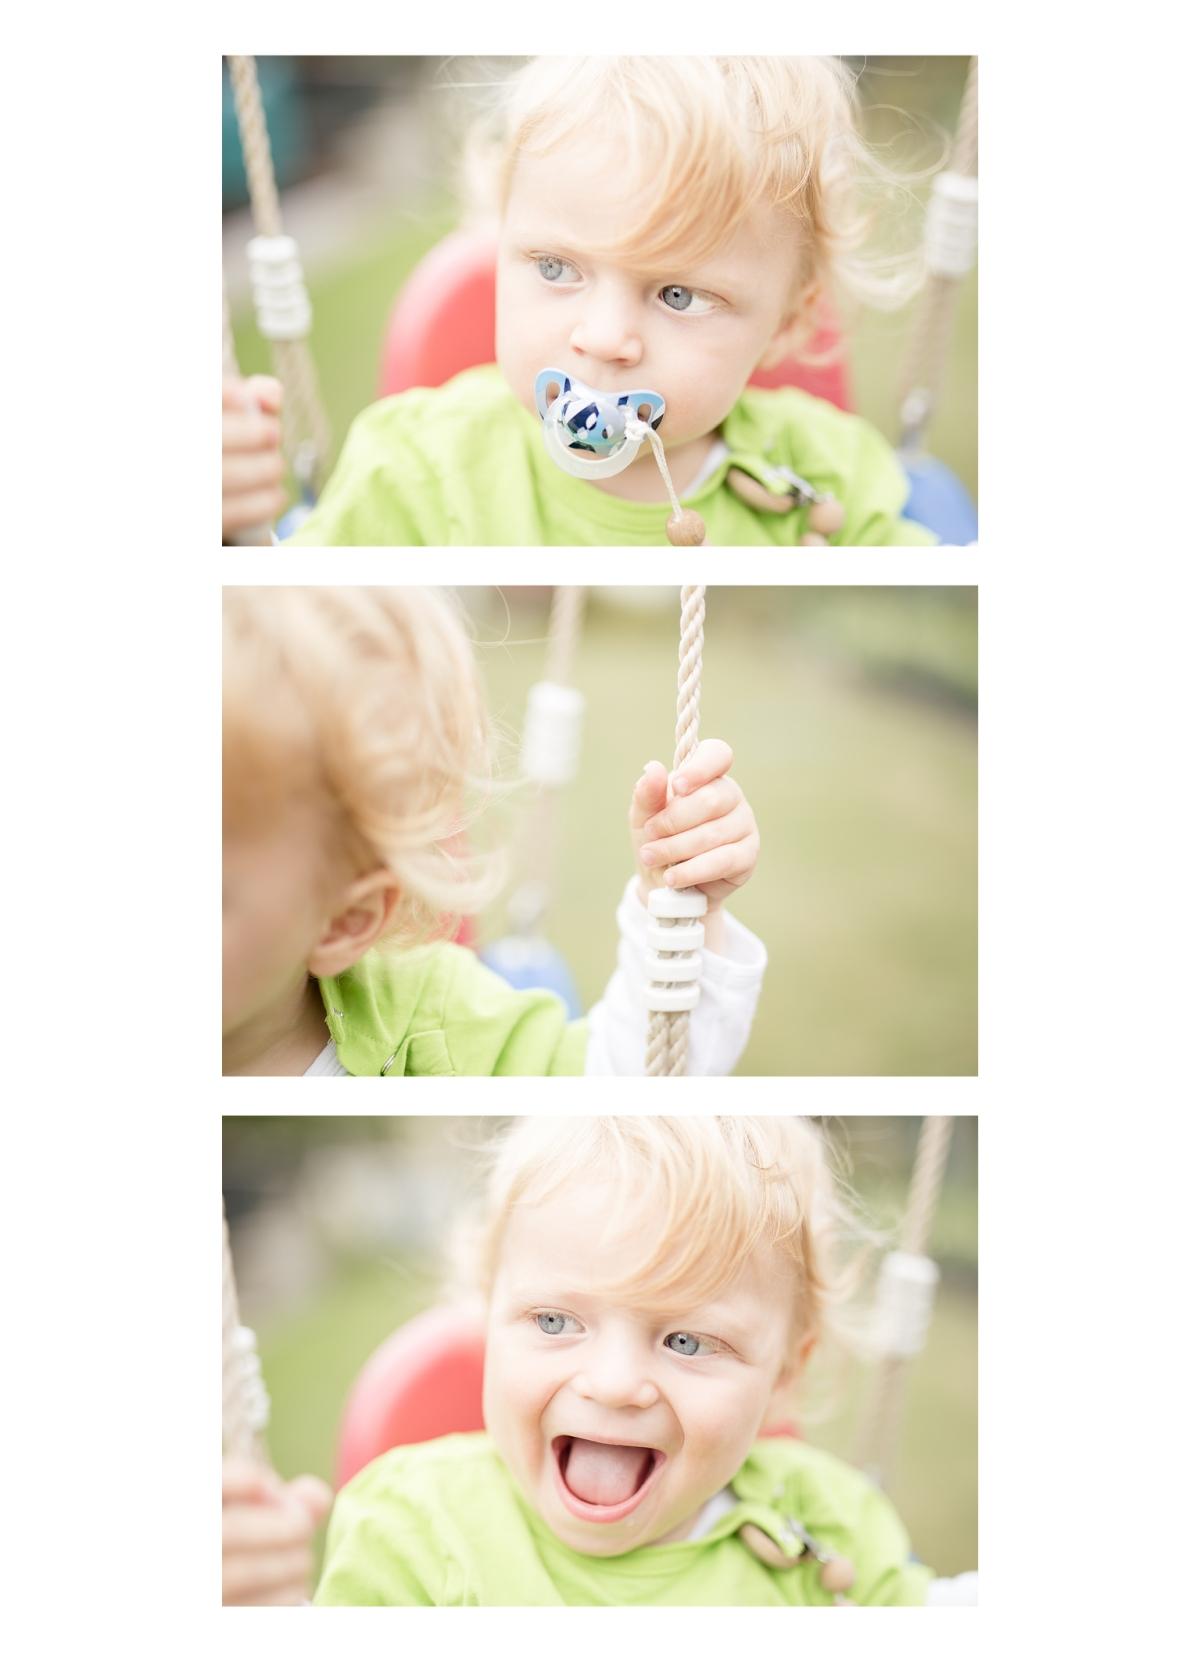 Kindershooting_Ben_05